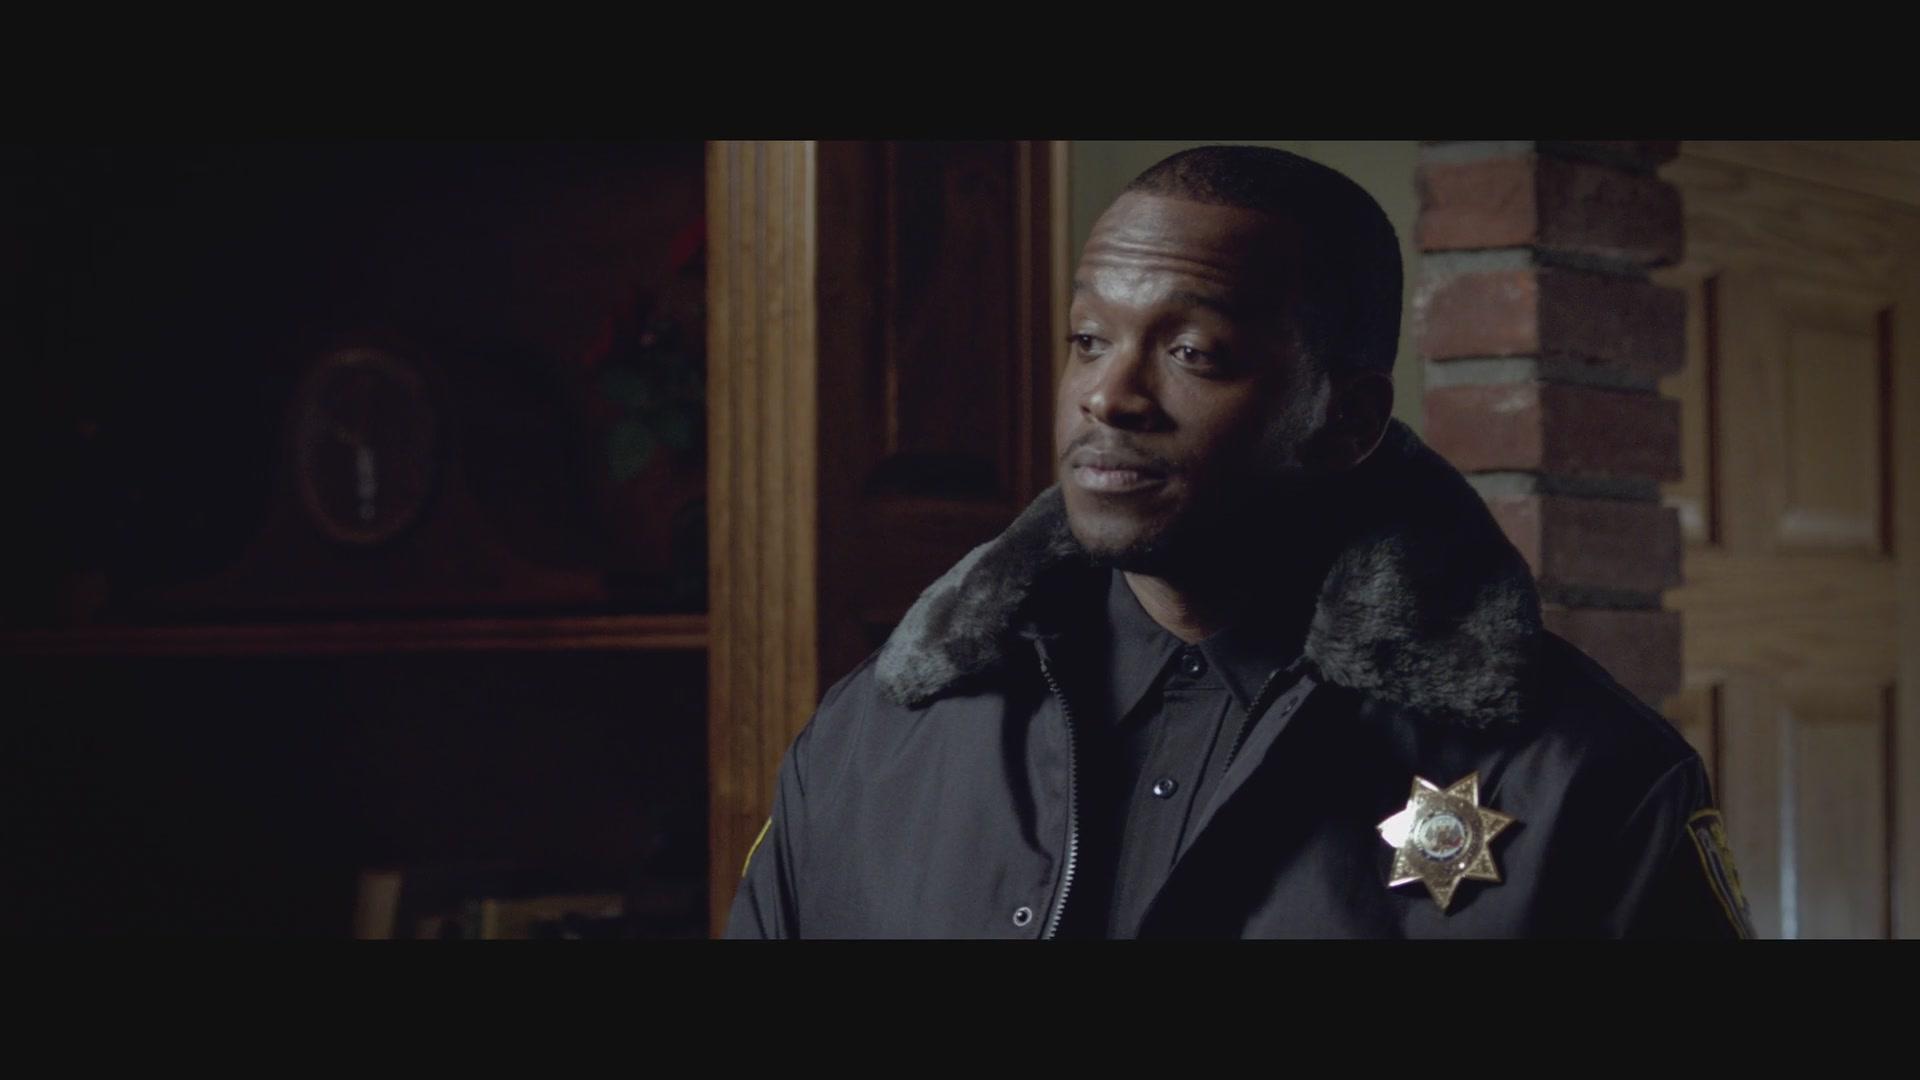 Дом на продажу / The Open House (2018) WEBRip 1080p